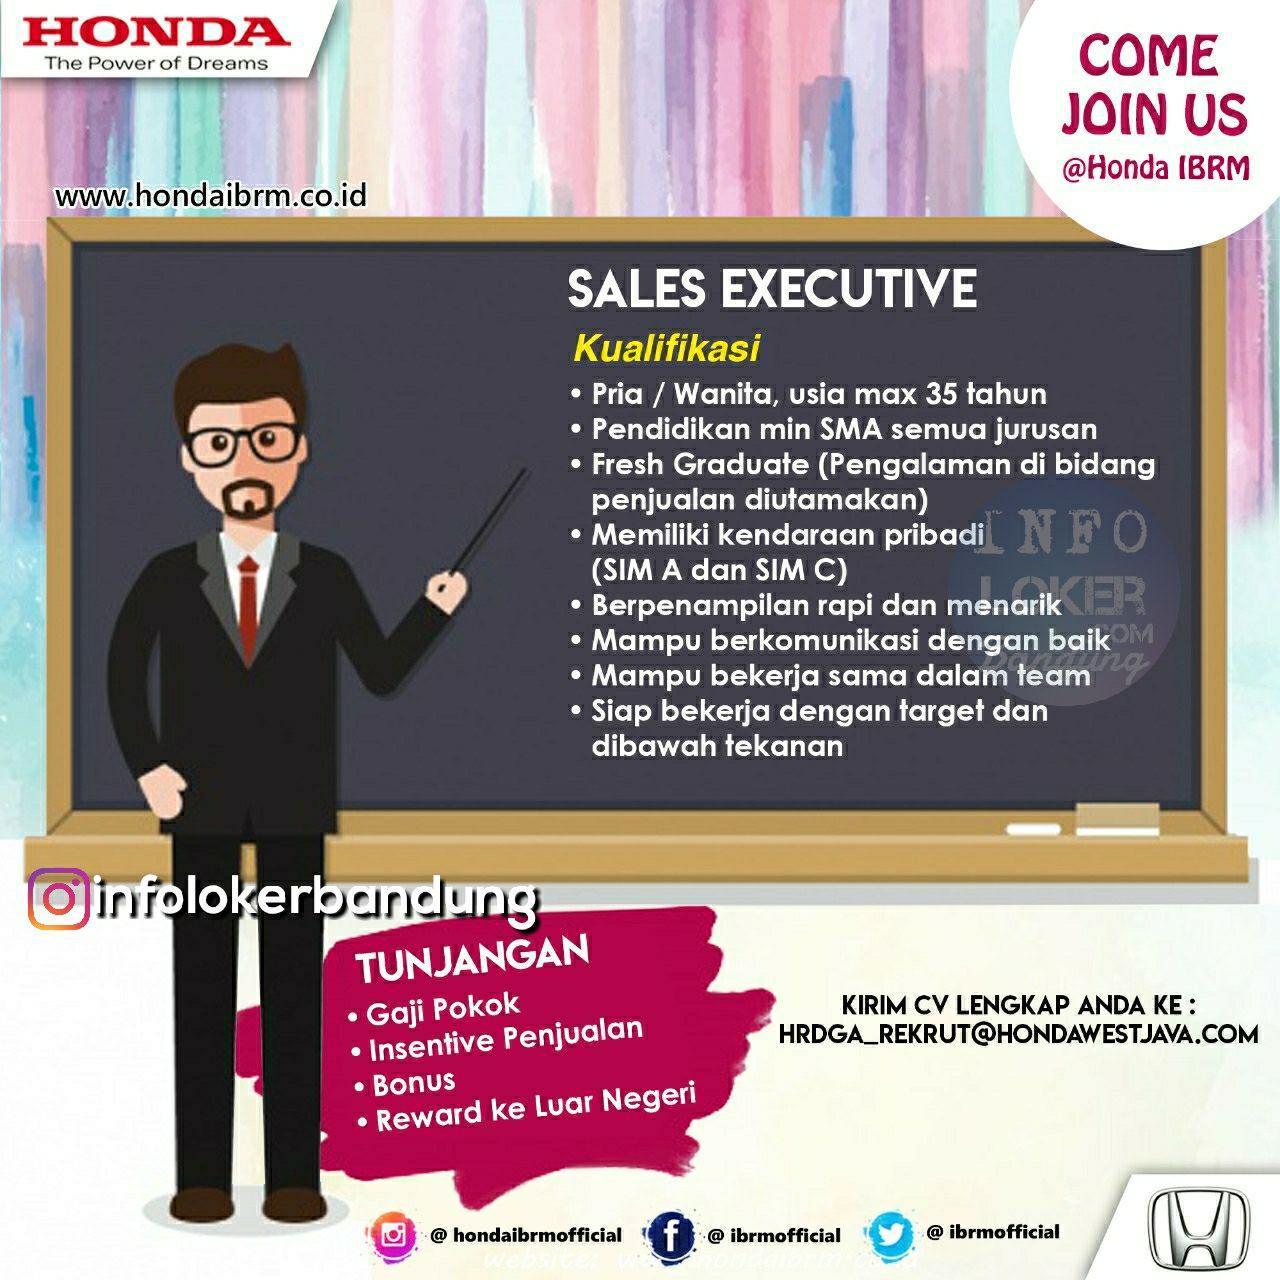 Lowongan Kerja Honda IBRM Bandung September 2018